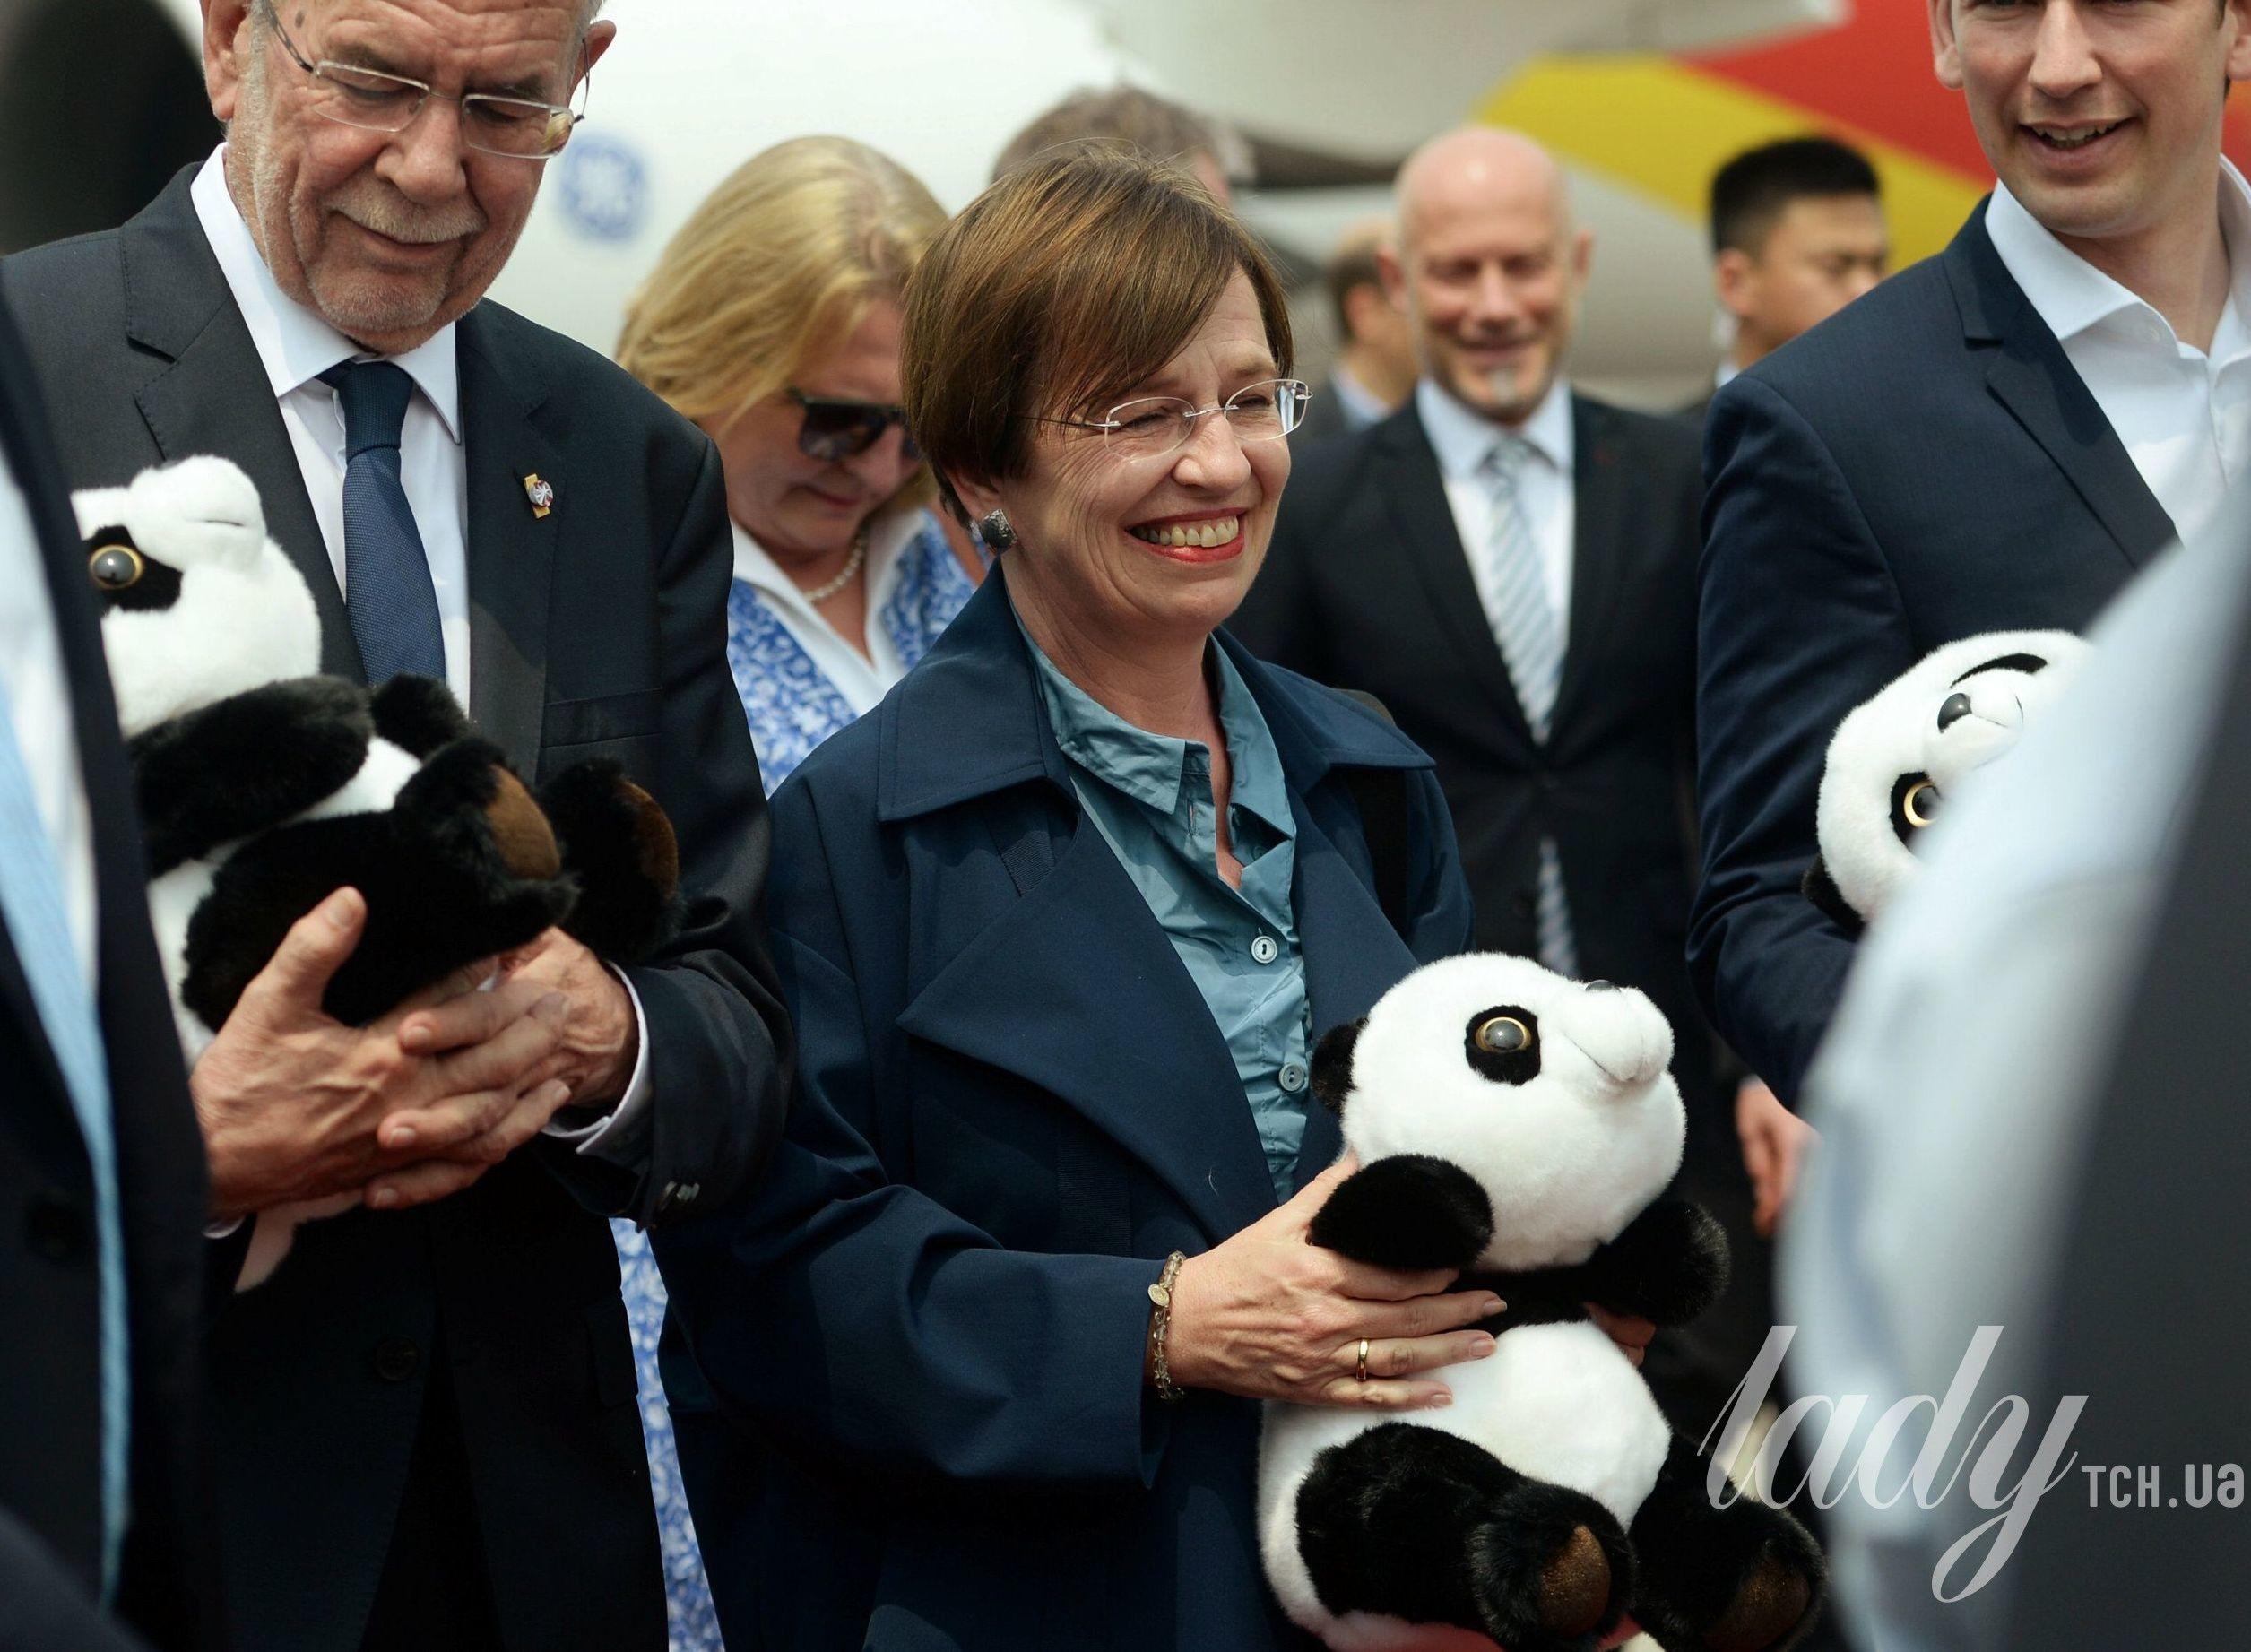 Президент Австрии Александр Ван дер Беллен_2